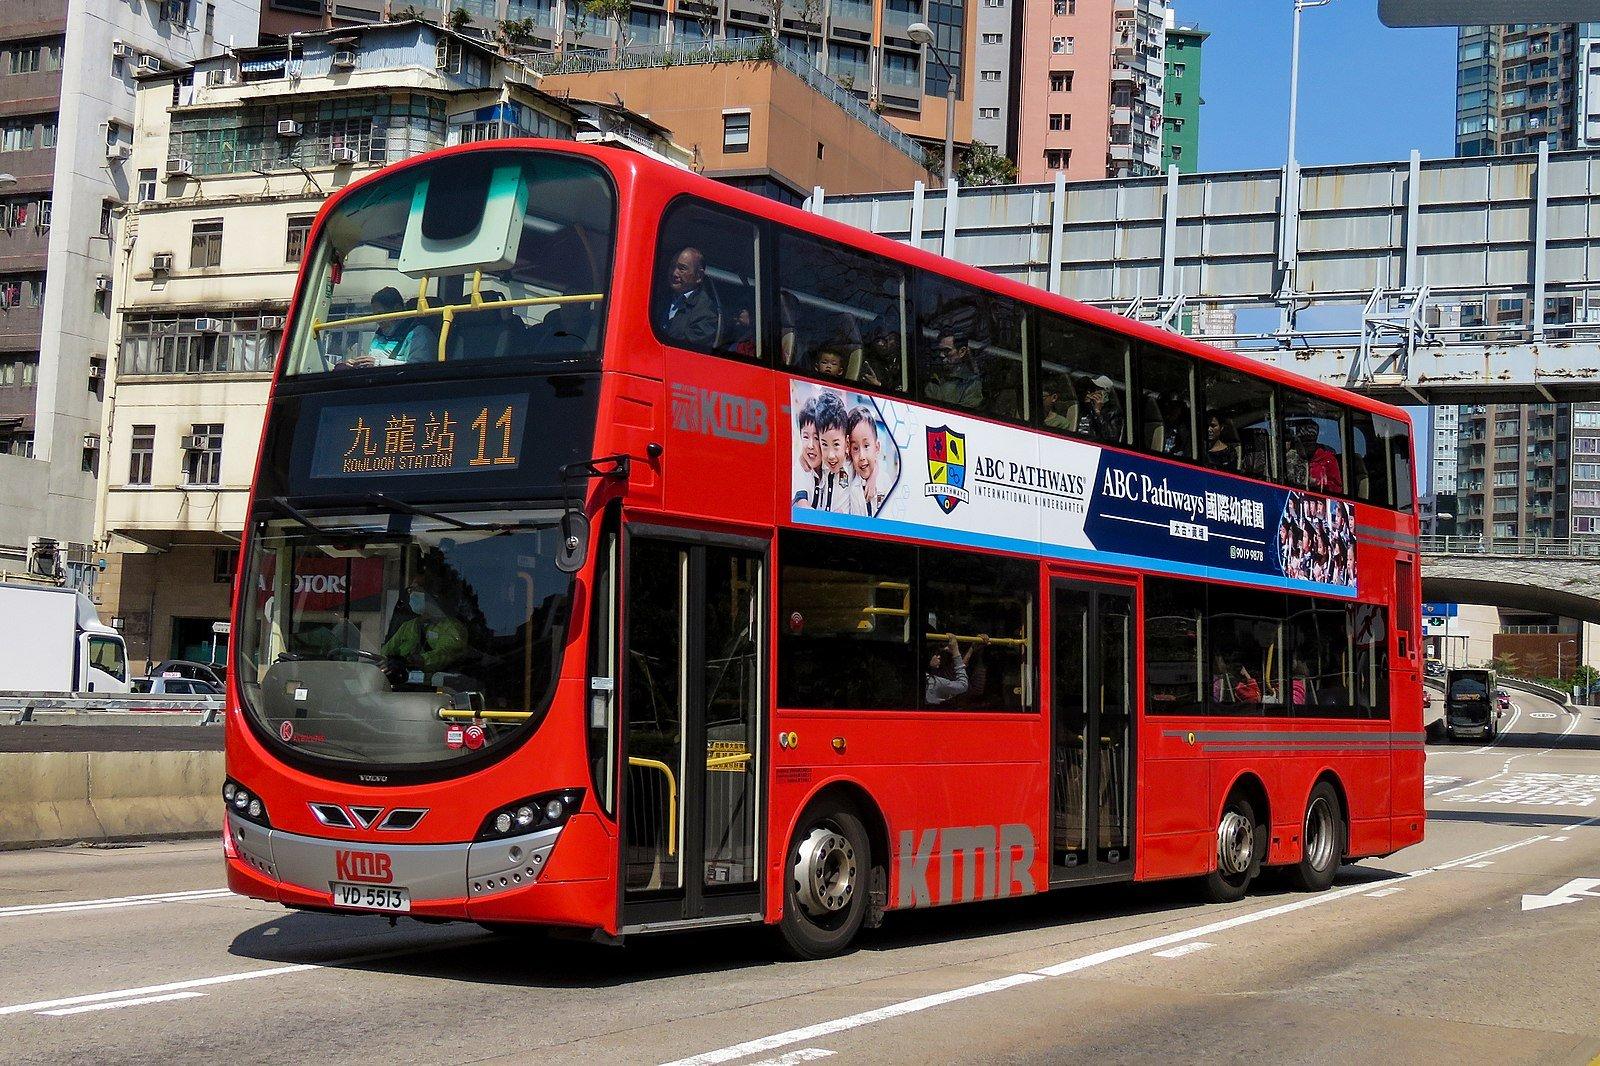 屯馬綫今日(27日)全線通車,運輸署建議取消包括九巴11號線在內的4條巴士路線,有區議員擔心不便黃大仙居民求醫探病。(Wikipedia user N509FZ)